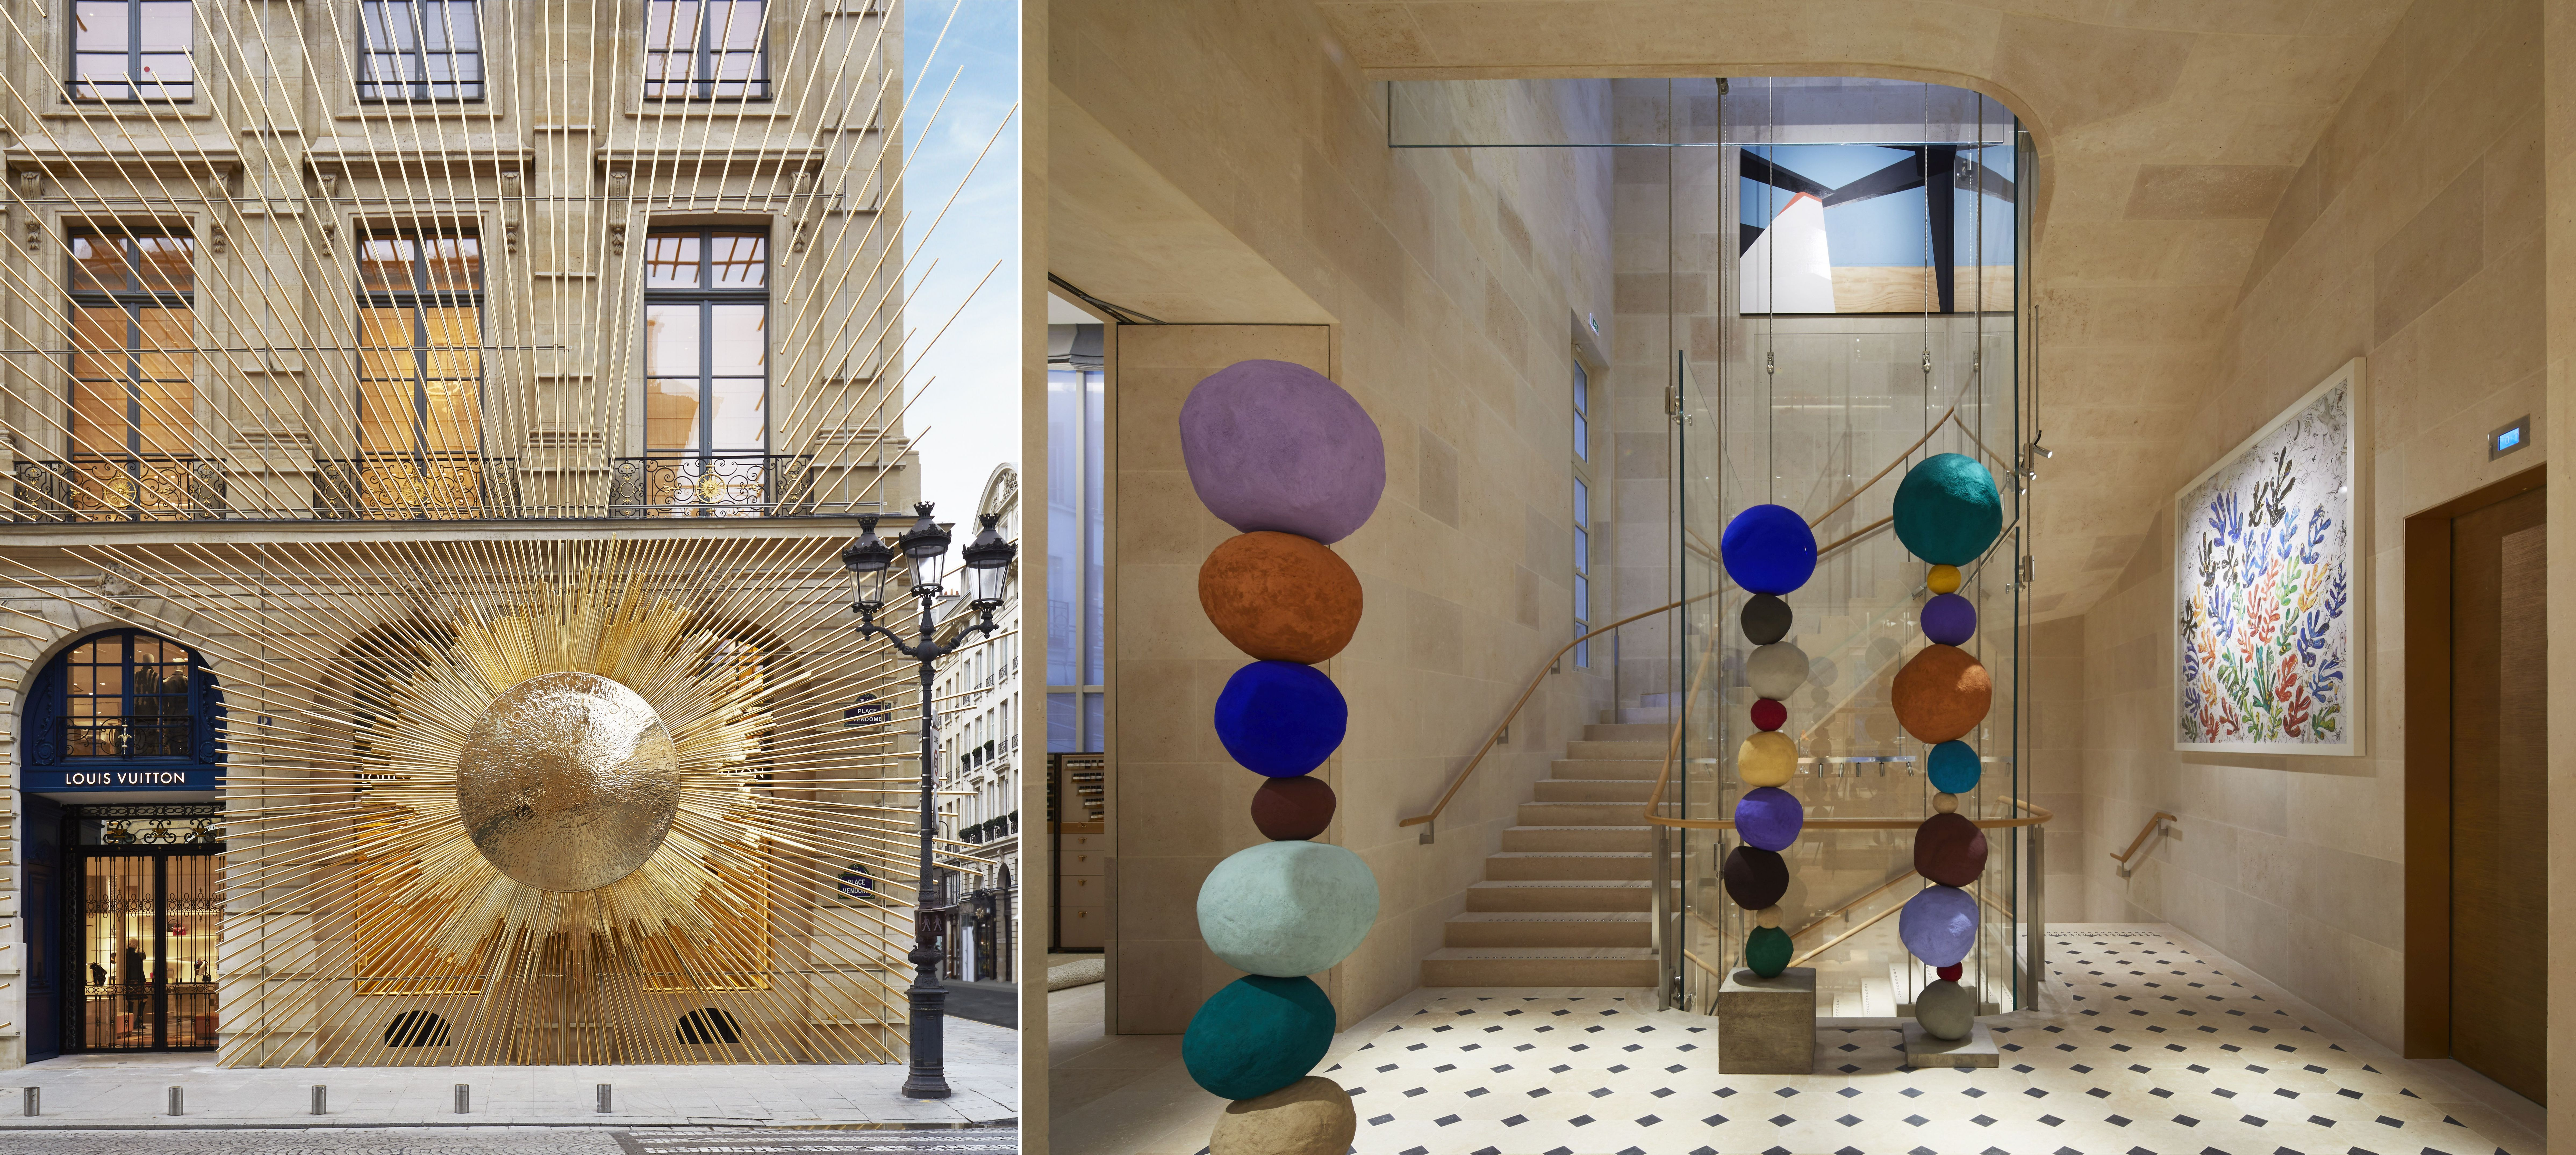 Maison Louis Vuitton Vendôme: Shopping und Museum vereint